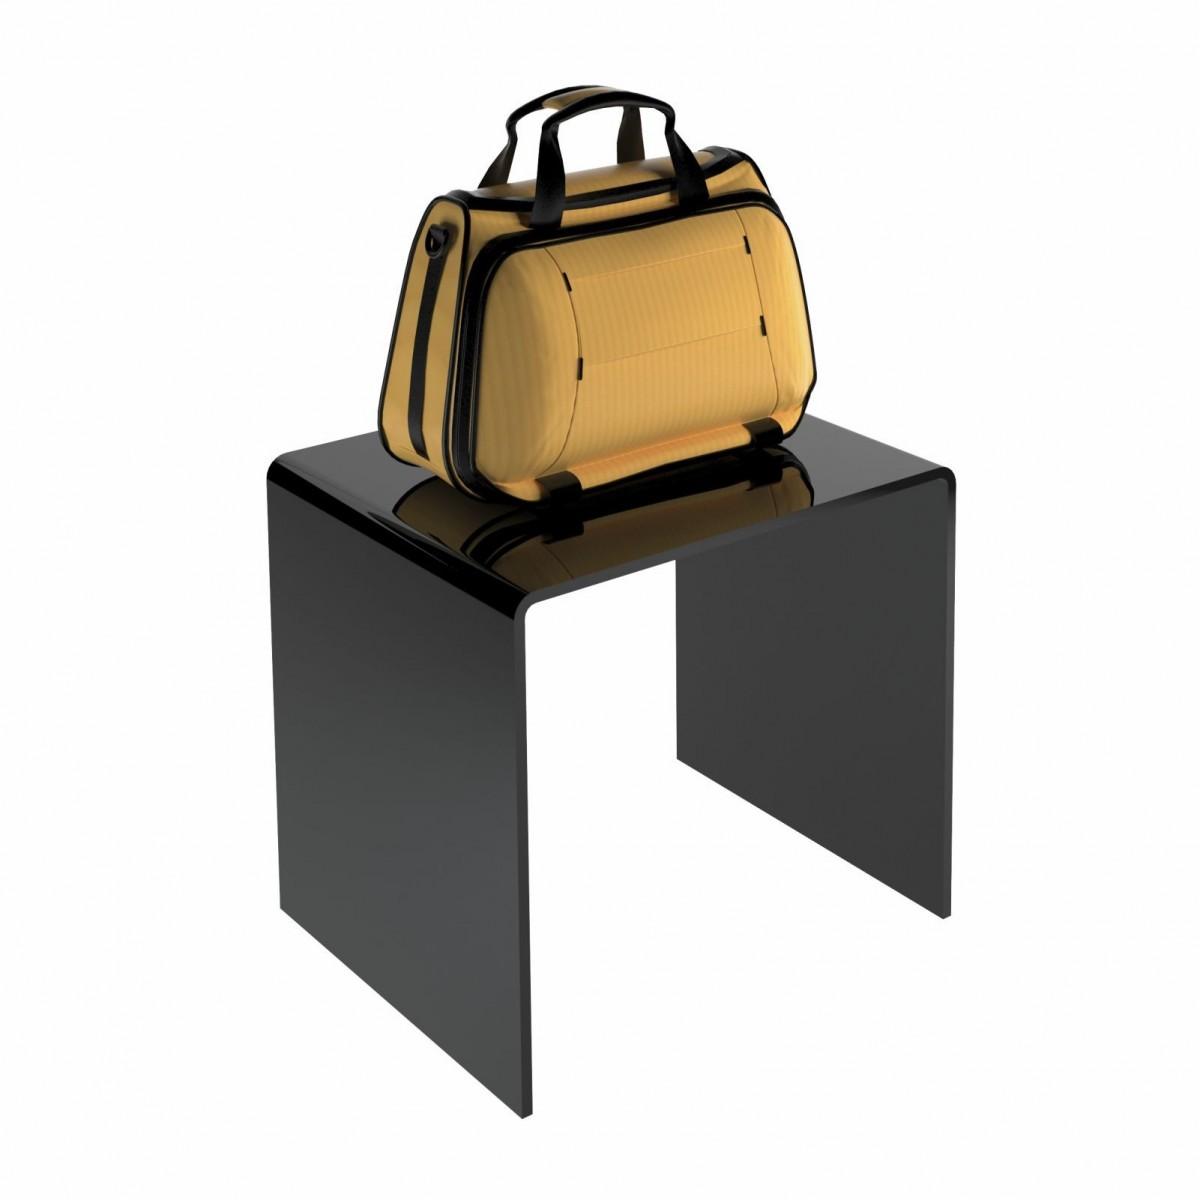 Tavolino plexiglass nero - CM(LxPxH): 12x10x10